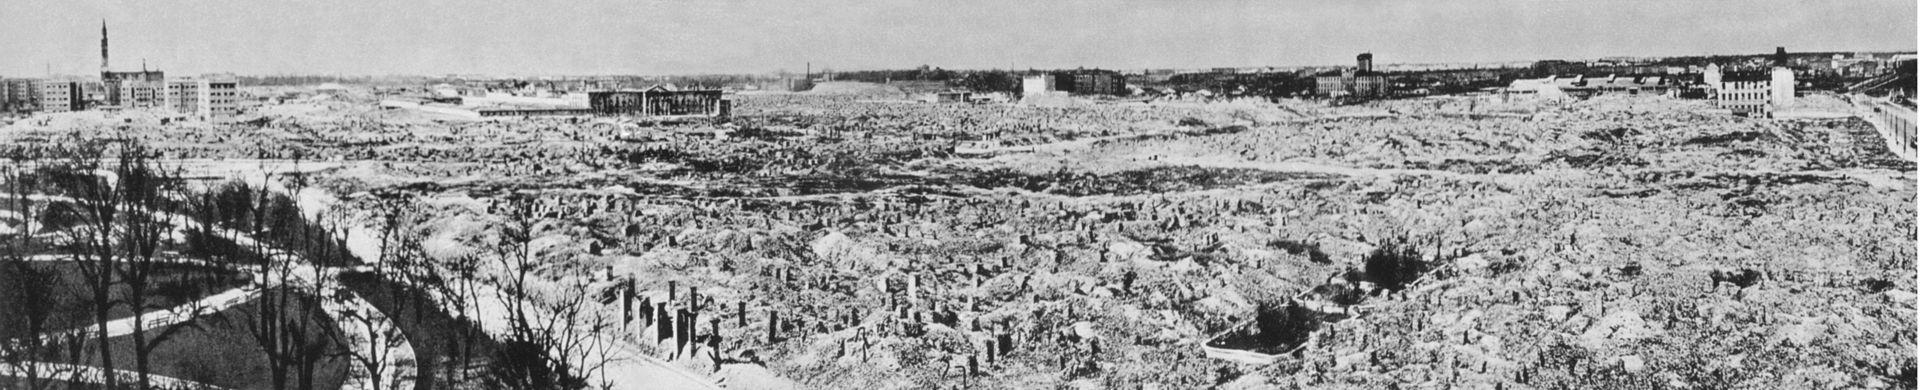 Po upadku powstania Niemcy zrównali getto warszawskie z ziemią. Z rozkazu Adolfa Hitlera spalono i wysadzono wszystkie domy znajdujące się na terenie objętym walkami. Jednym z nielicznych zachowanych budynków był kościół św. Augustyna wykorzystywany jako magazyn.